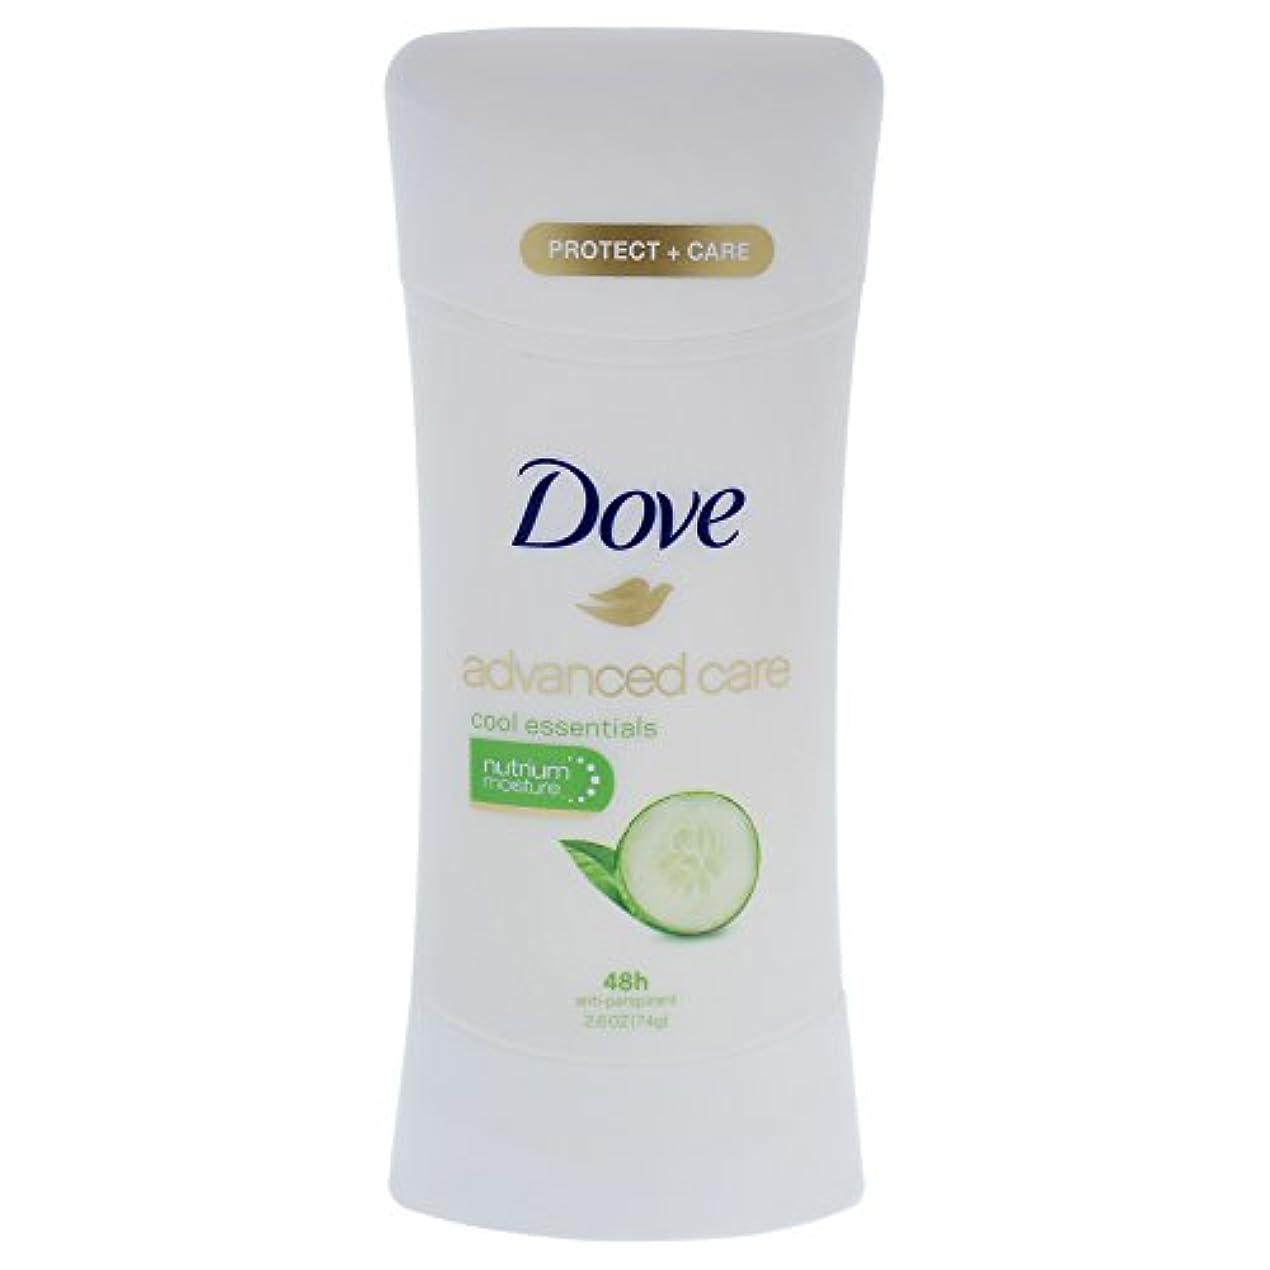 海洋優雅クリアDove Advanced Care Cool Essentials Deodorant - 2.6oz ダブ アドバンスド ケア クールエッセンシャル デオドラント 74g [並行輸入品]